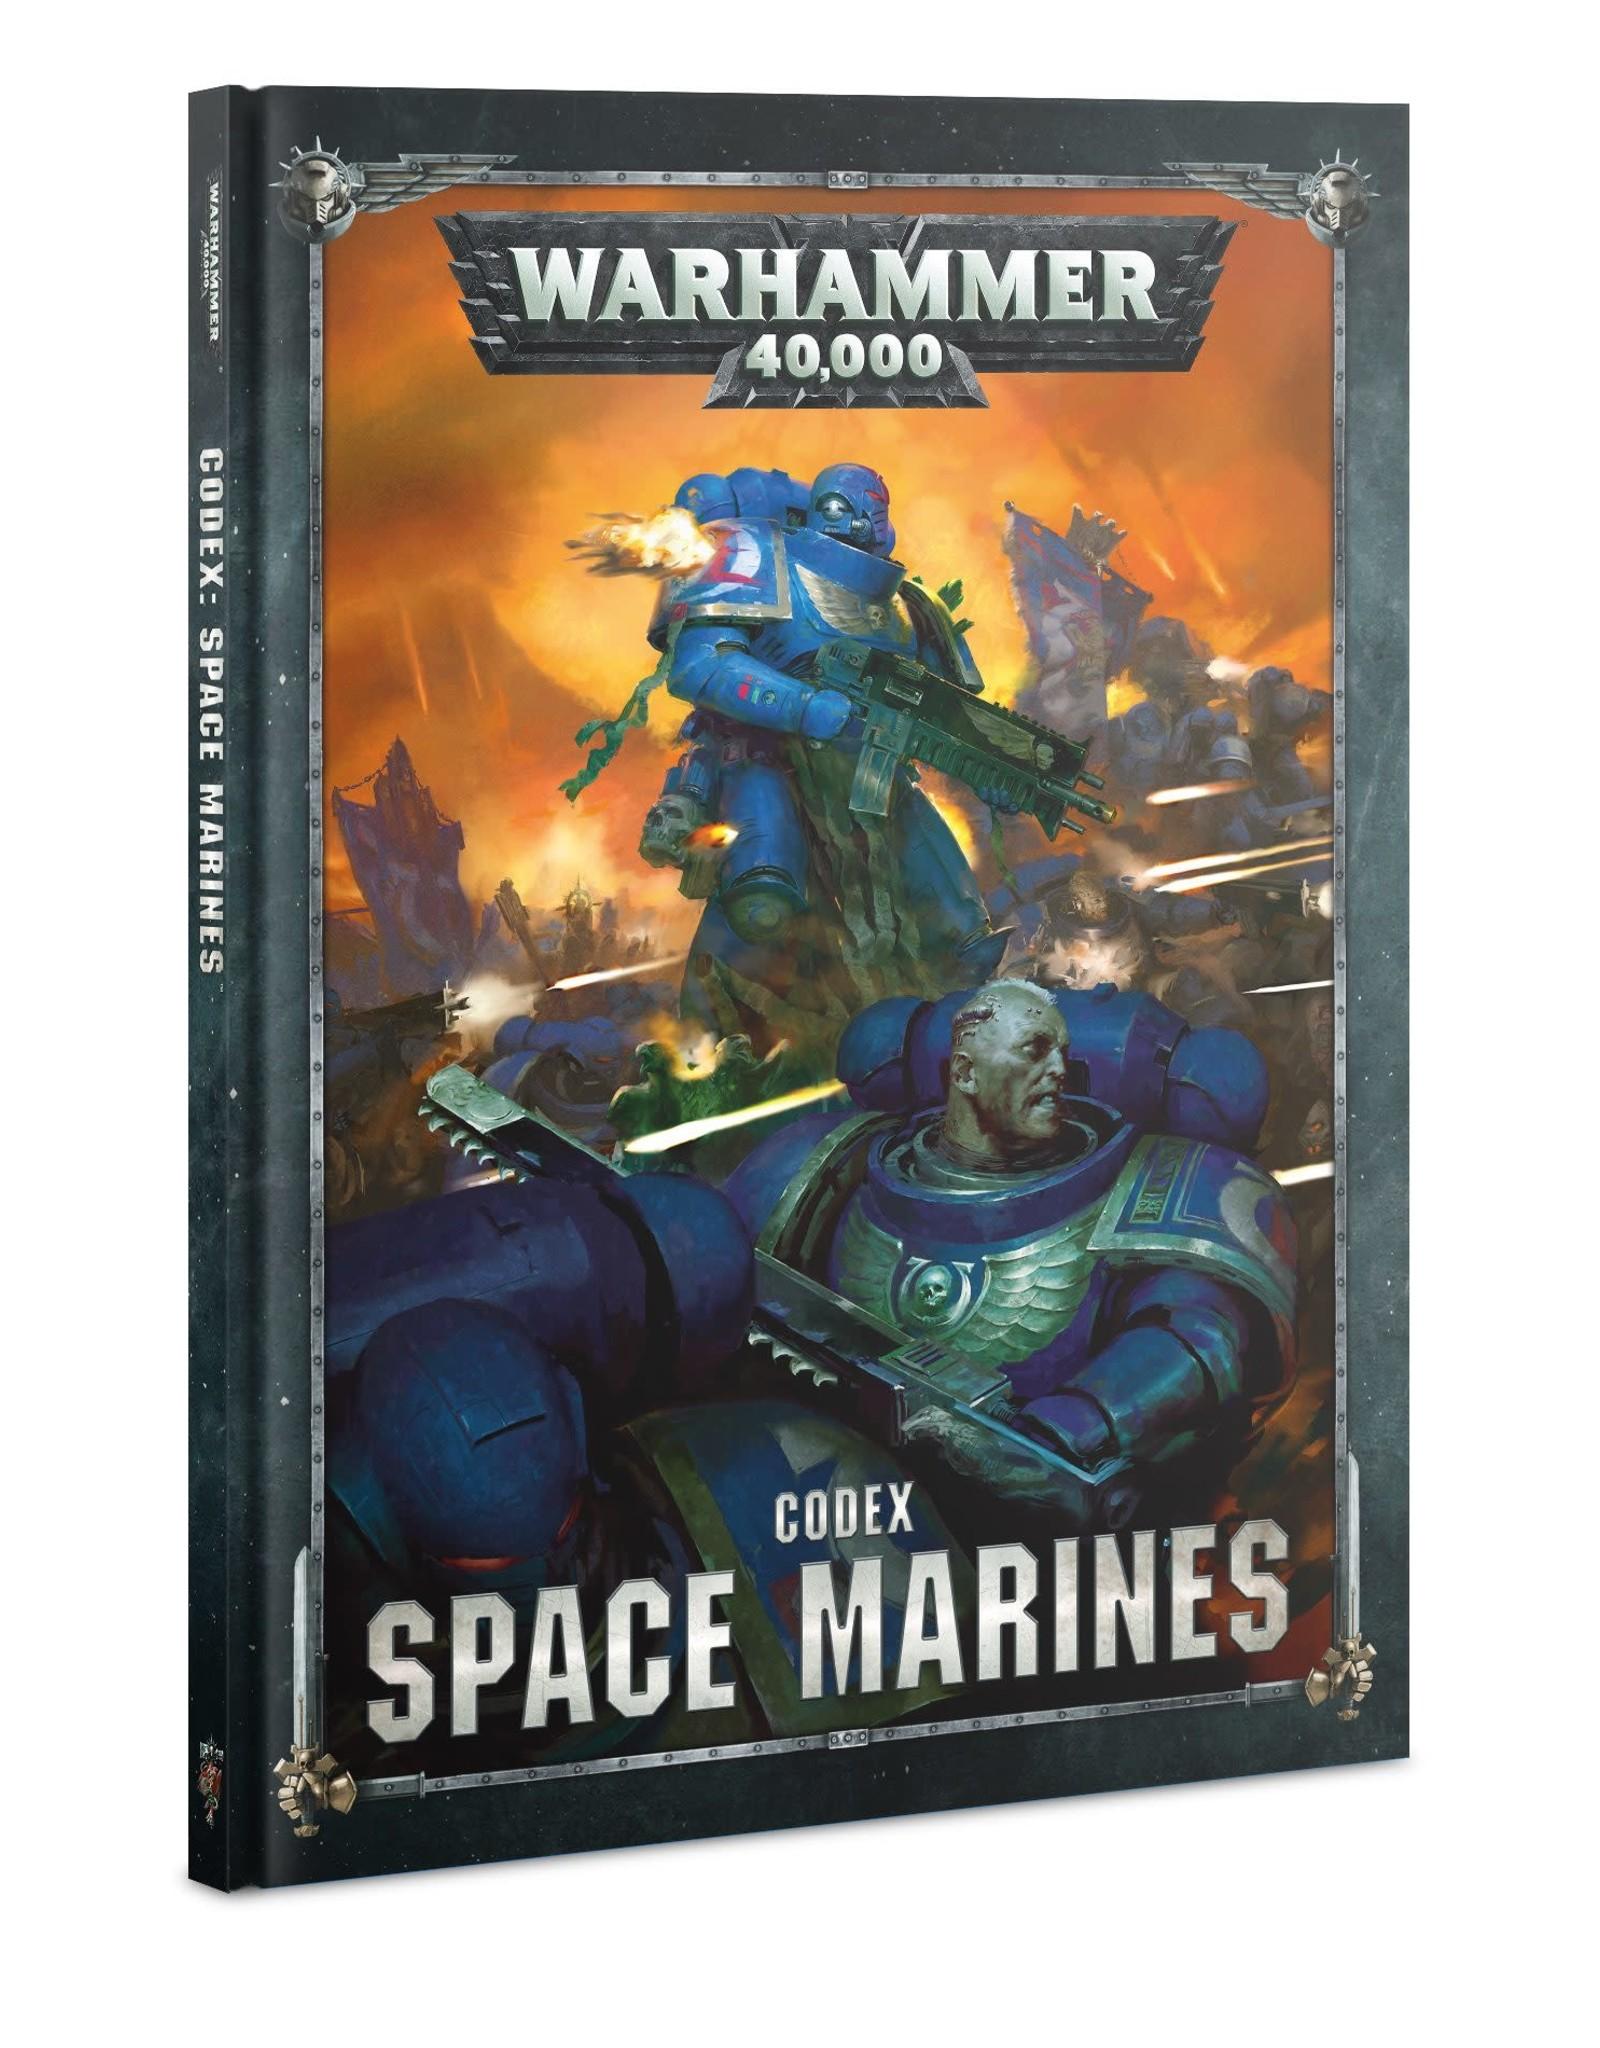 Warhammer 40K Codex: Space Marines